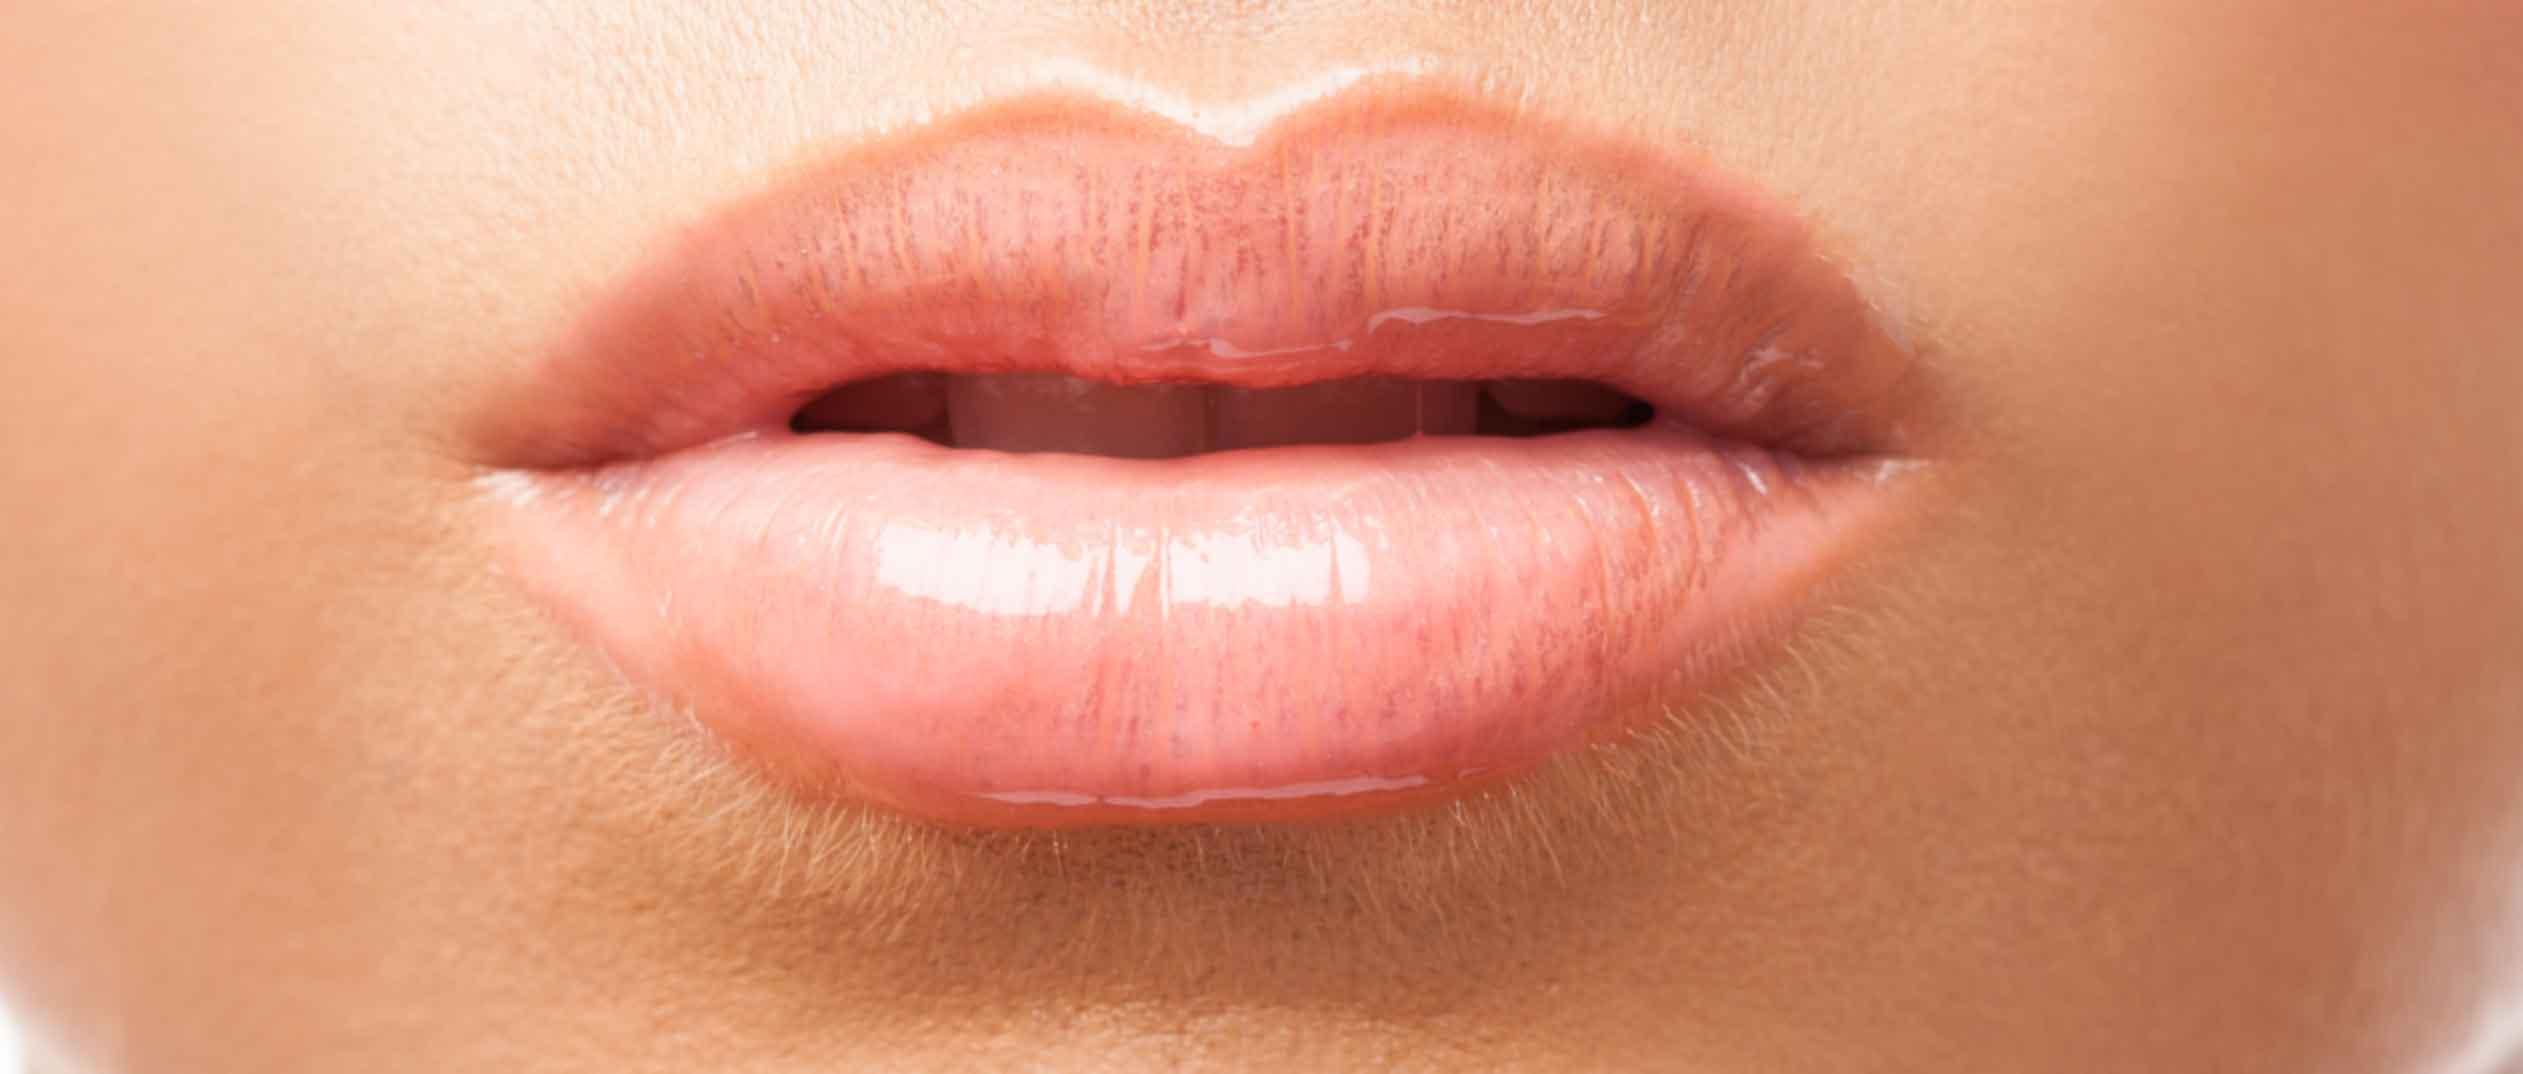 Bouche : Inflammations de la lèvre - dentiste la defense